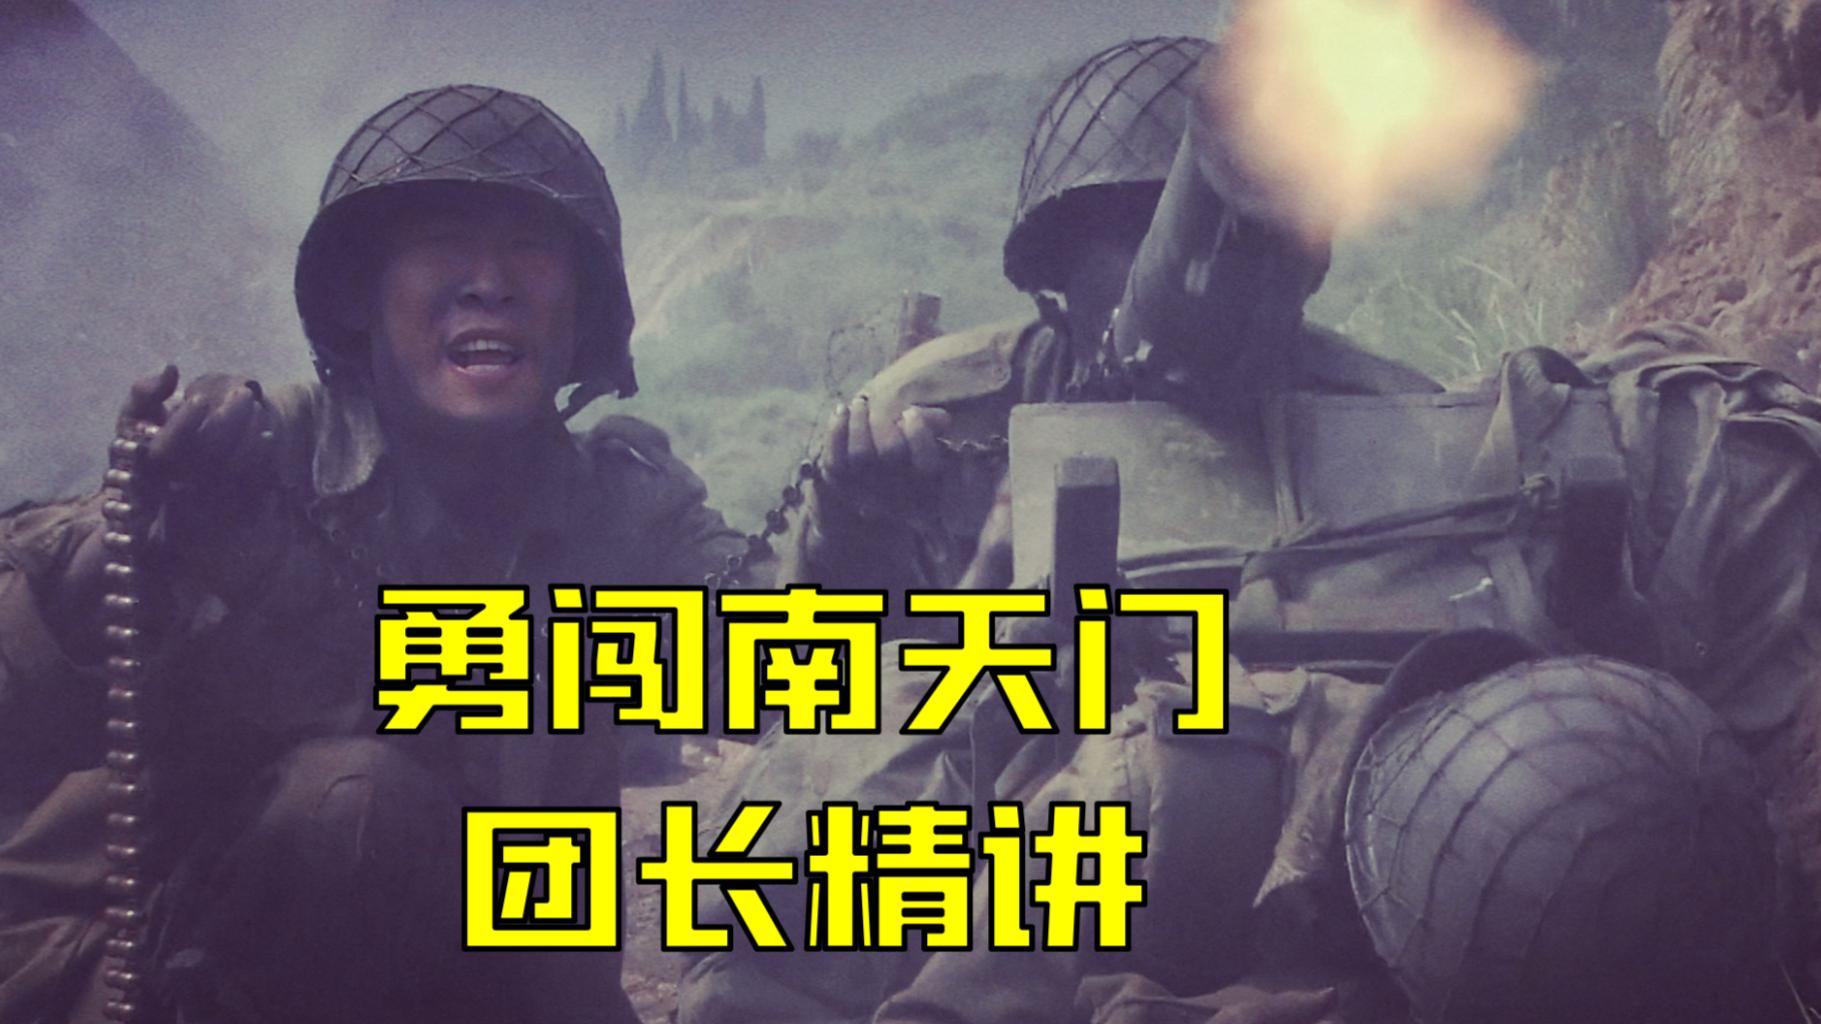 【1900】《我的团长我的团》勇闯南天门 精讲第十六回